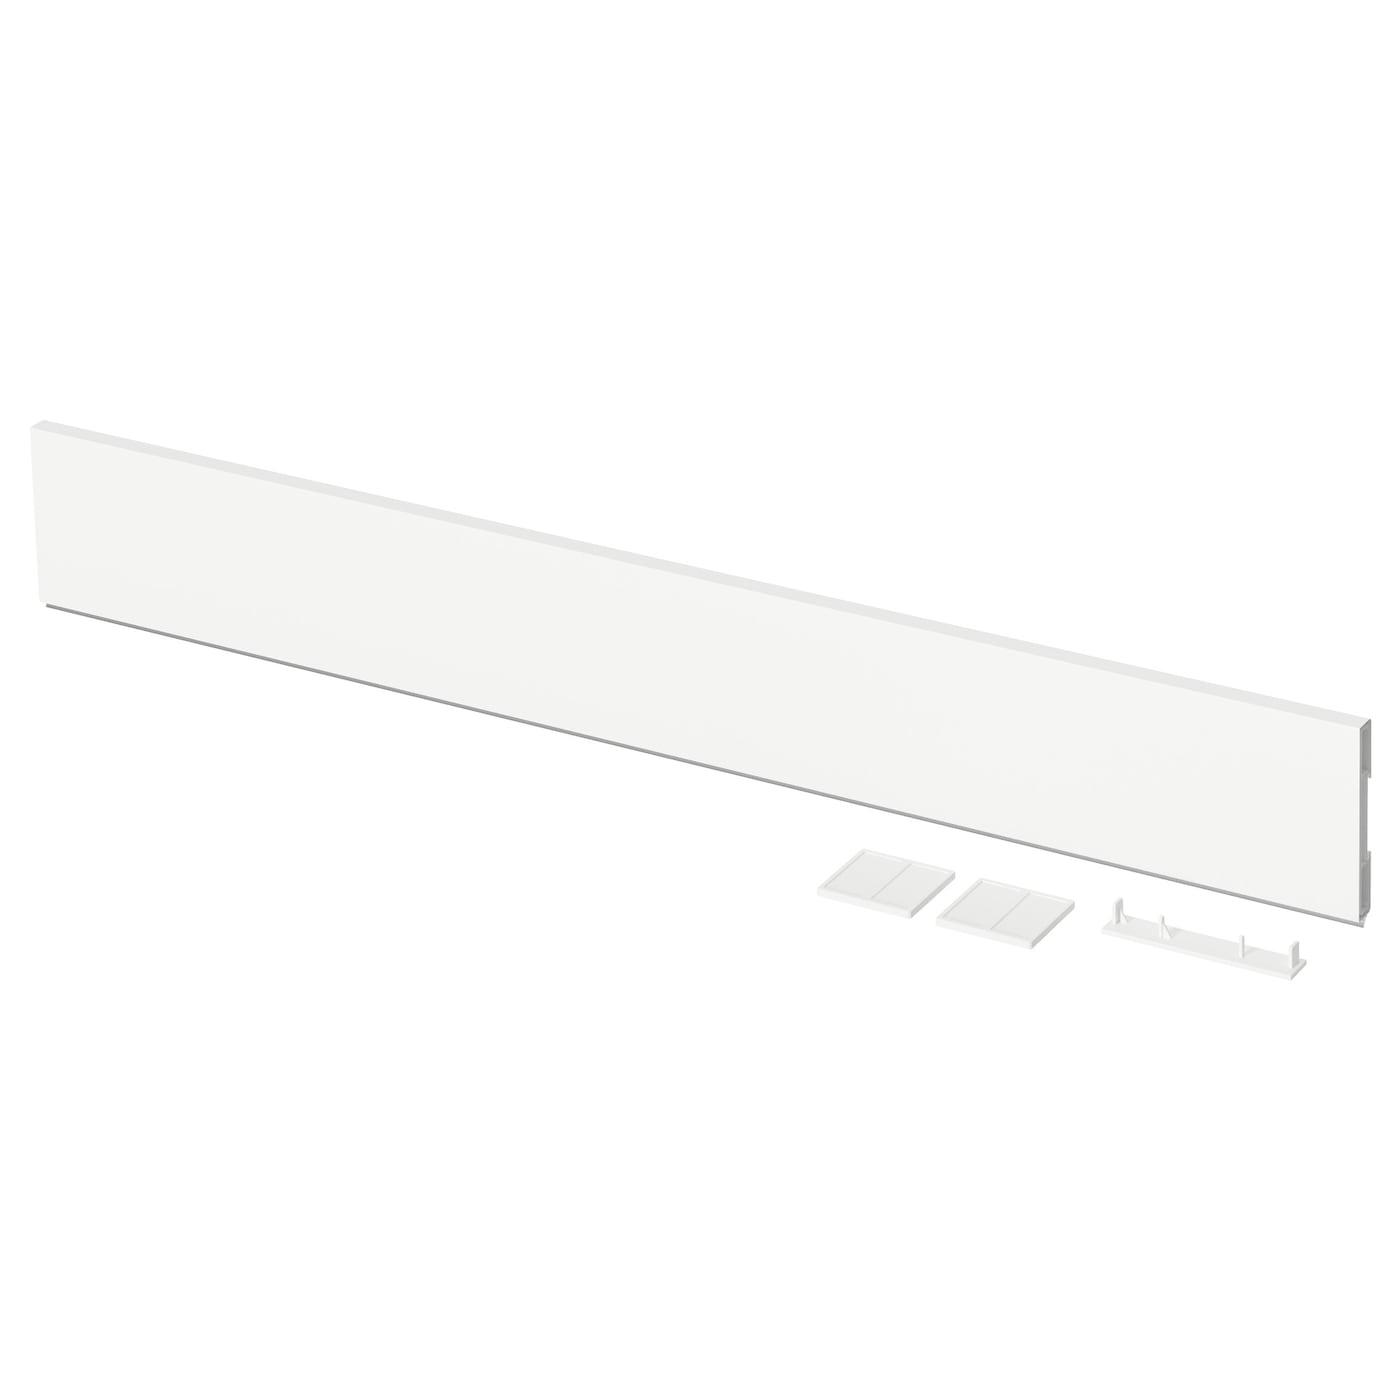 Voxtorp plinthe blanc 220x8 cm ikea for Plinthe cuisine 17 cm